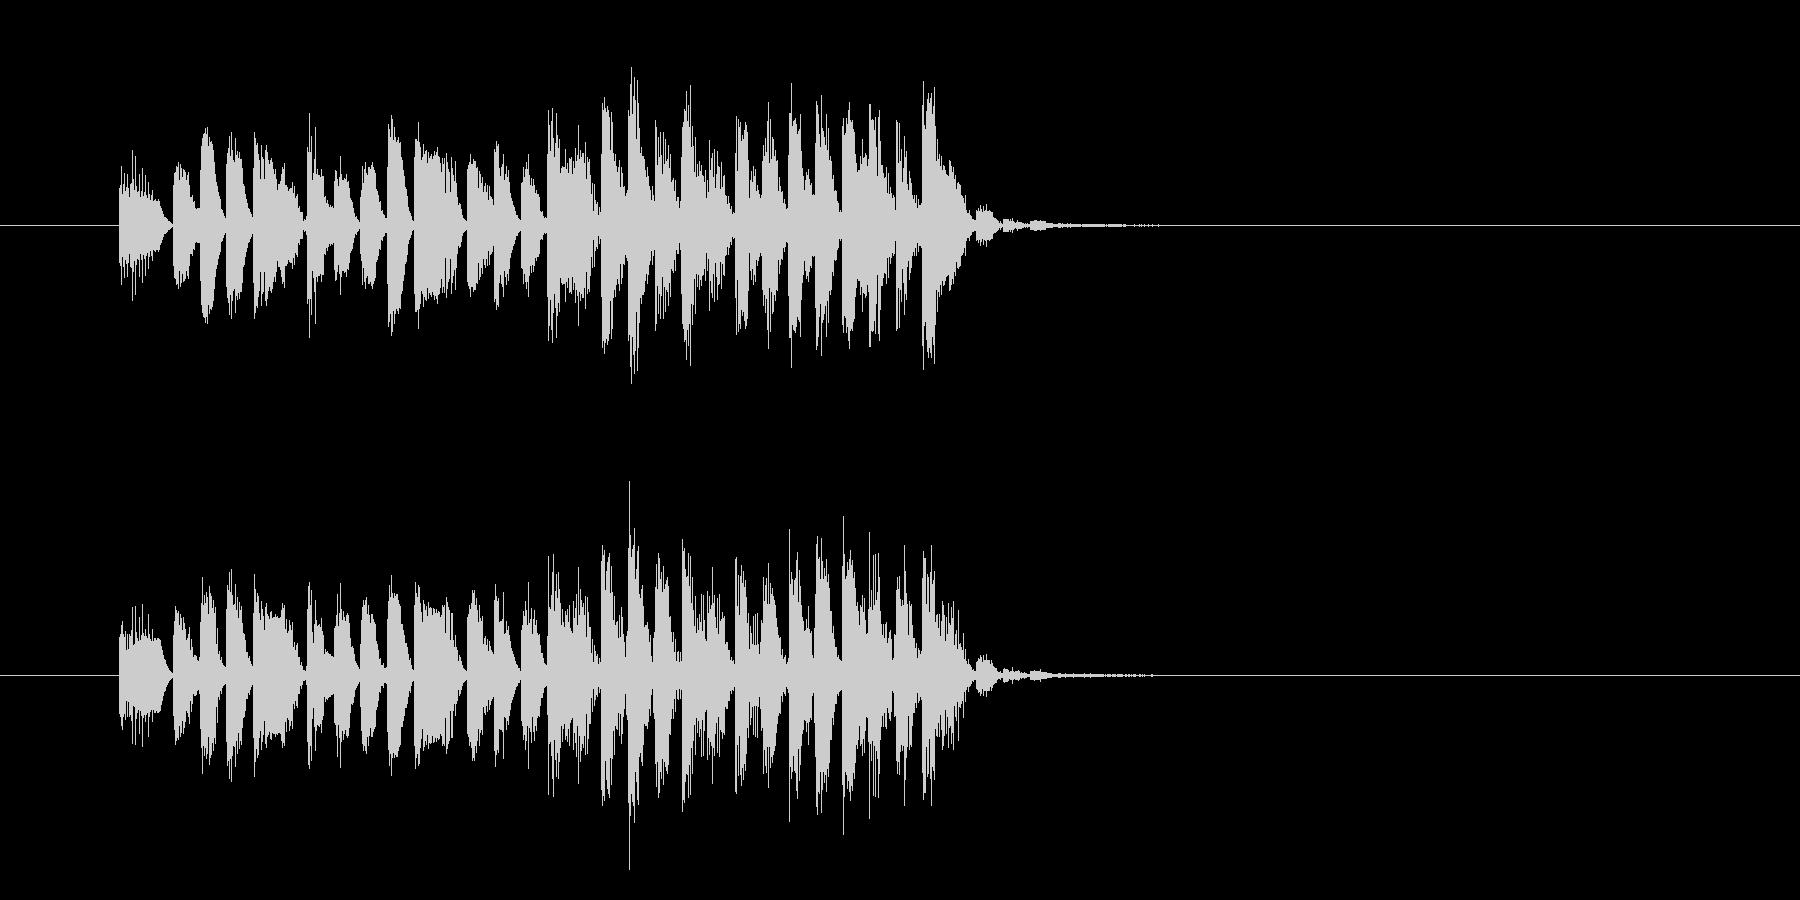 激しく勢いがあるテクノハードロックの未再生の波形